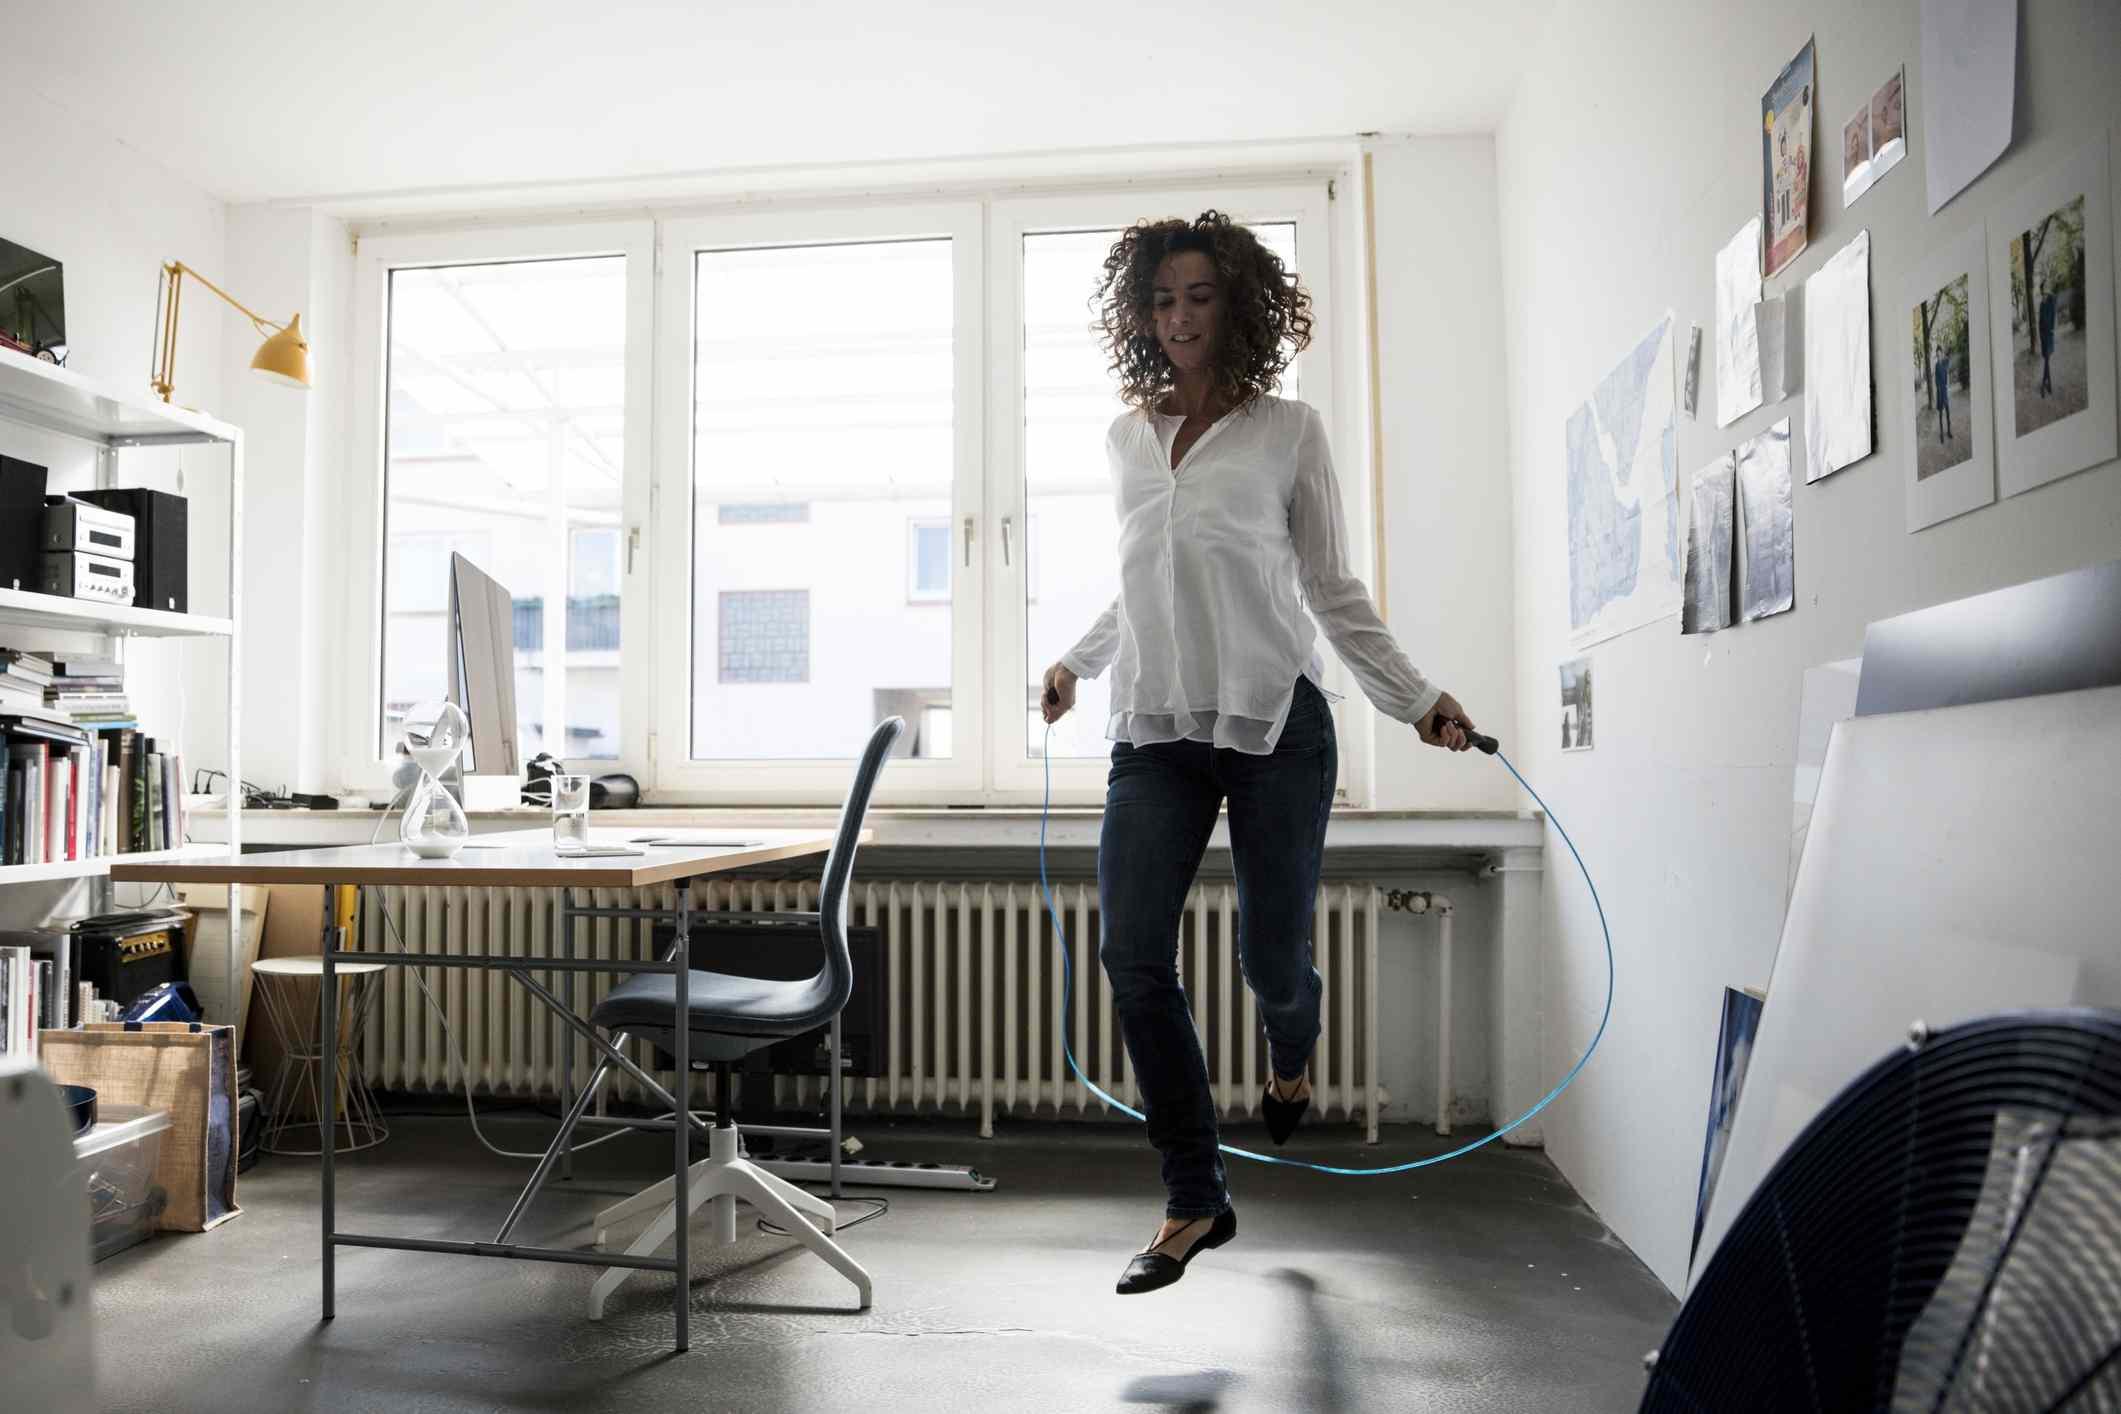 La empresaria en la formación de oficina con saltar la cuerda